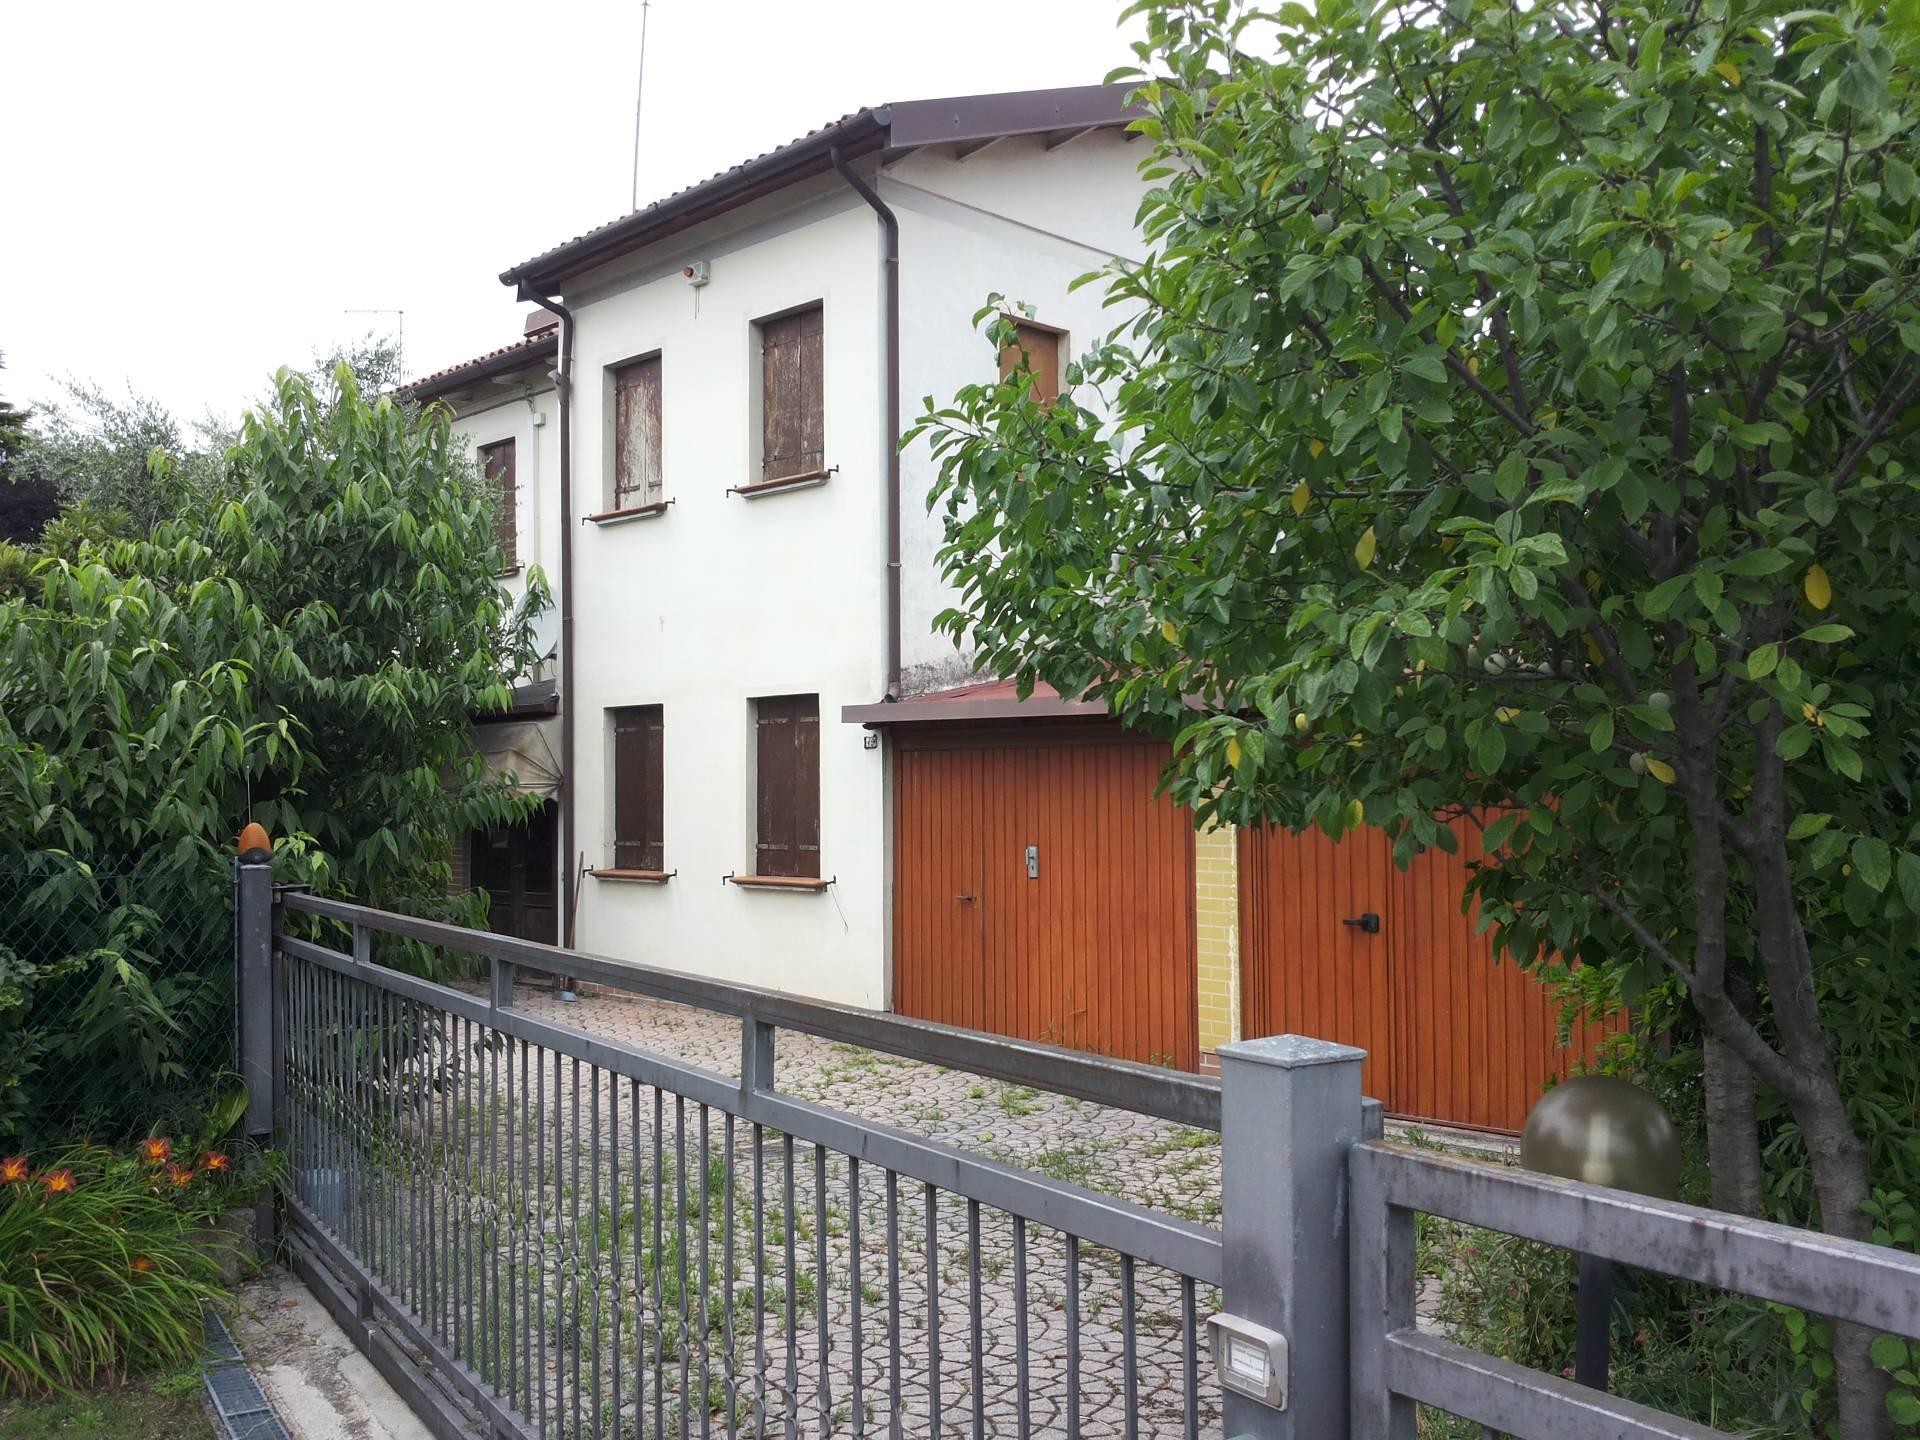 Villa Bifamiliare in Vendita a Villorba